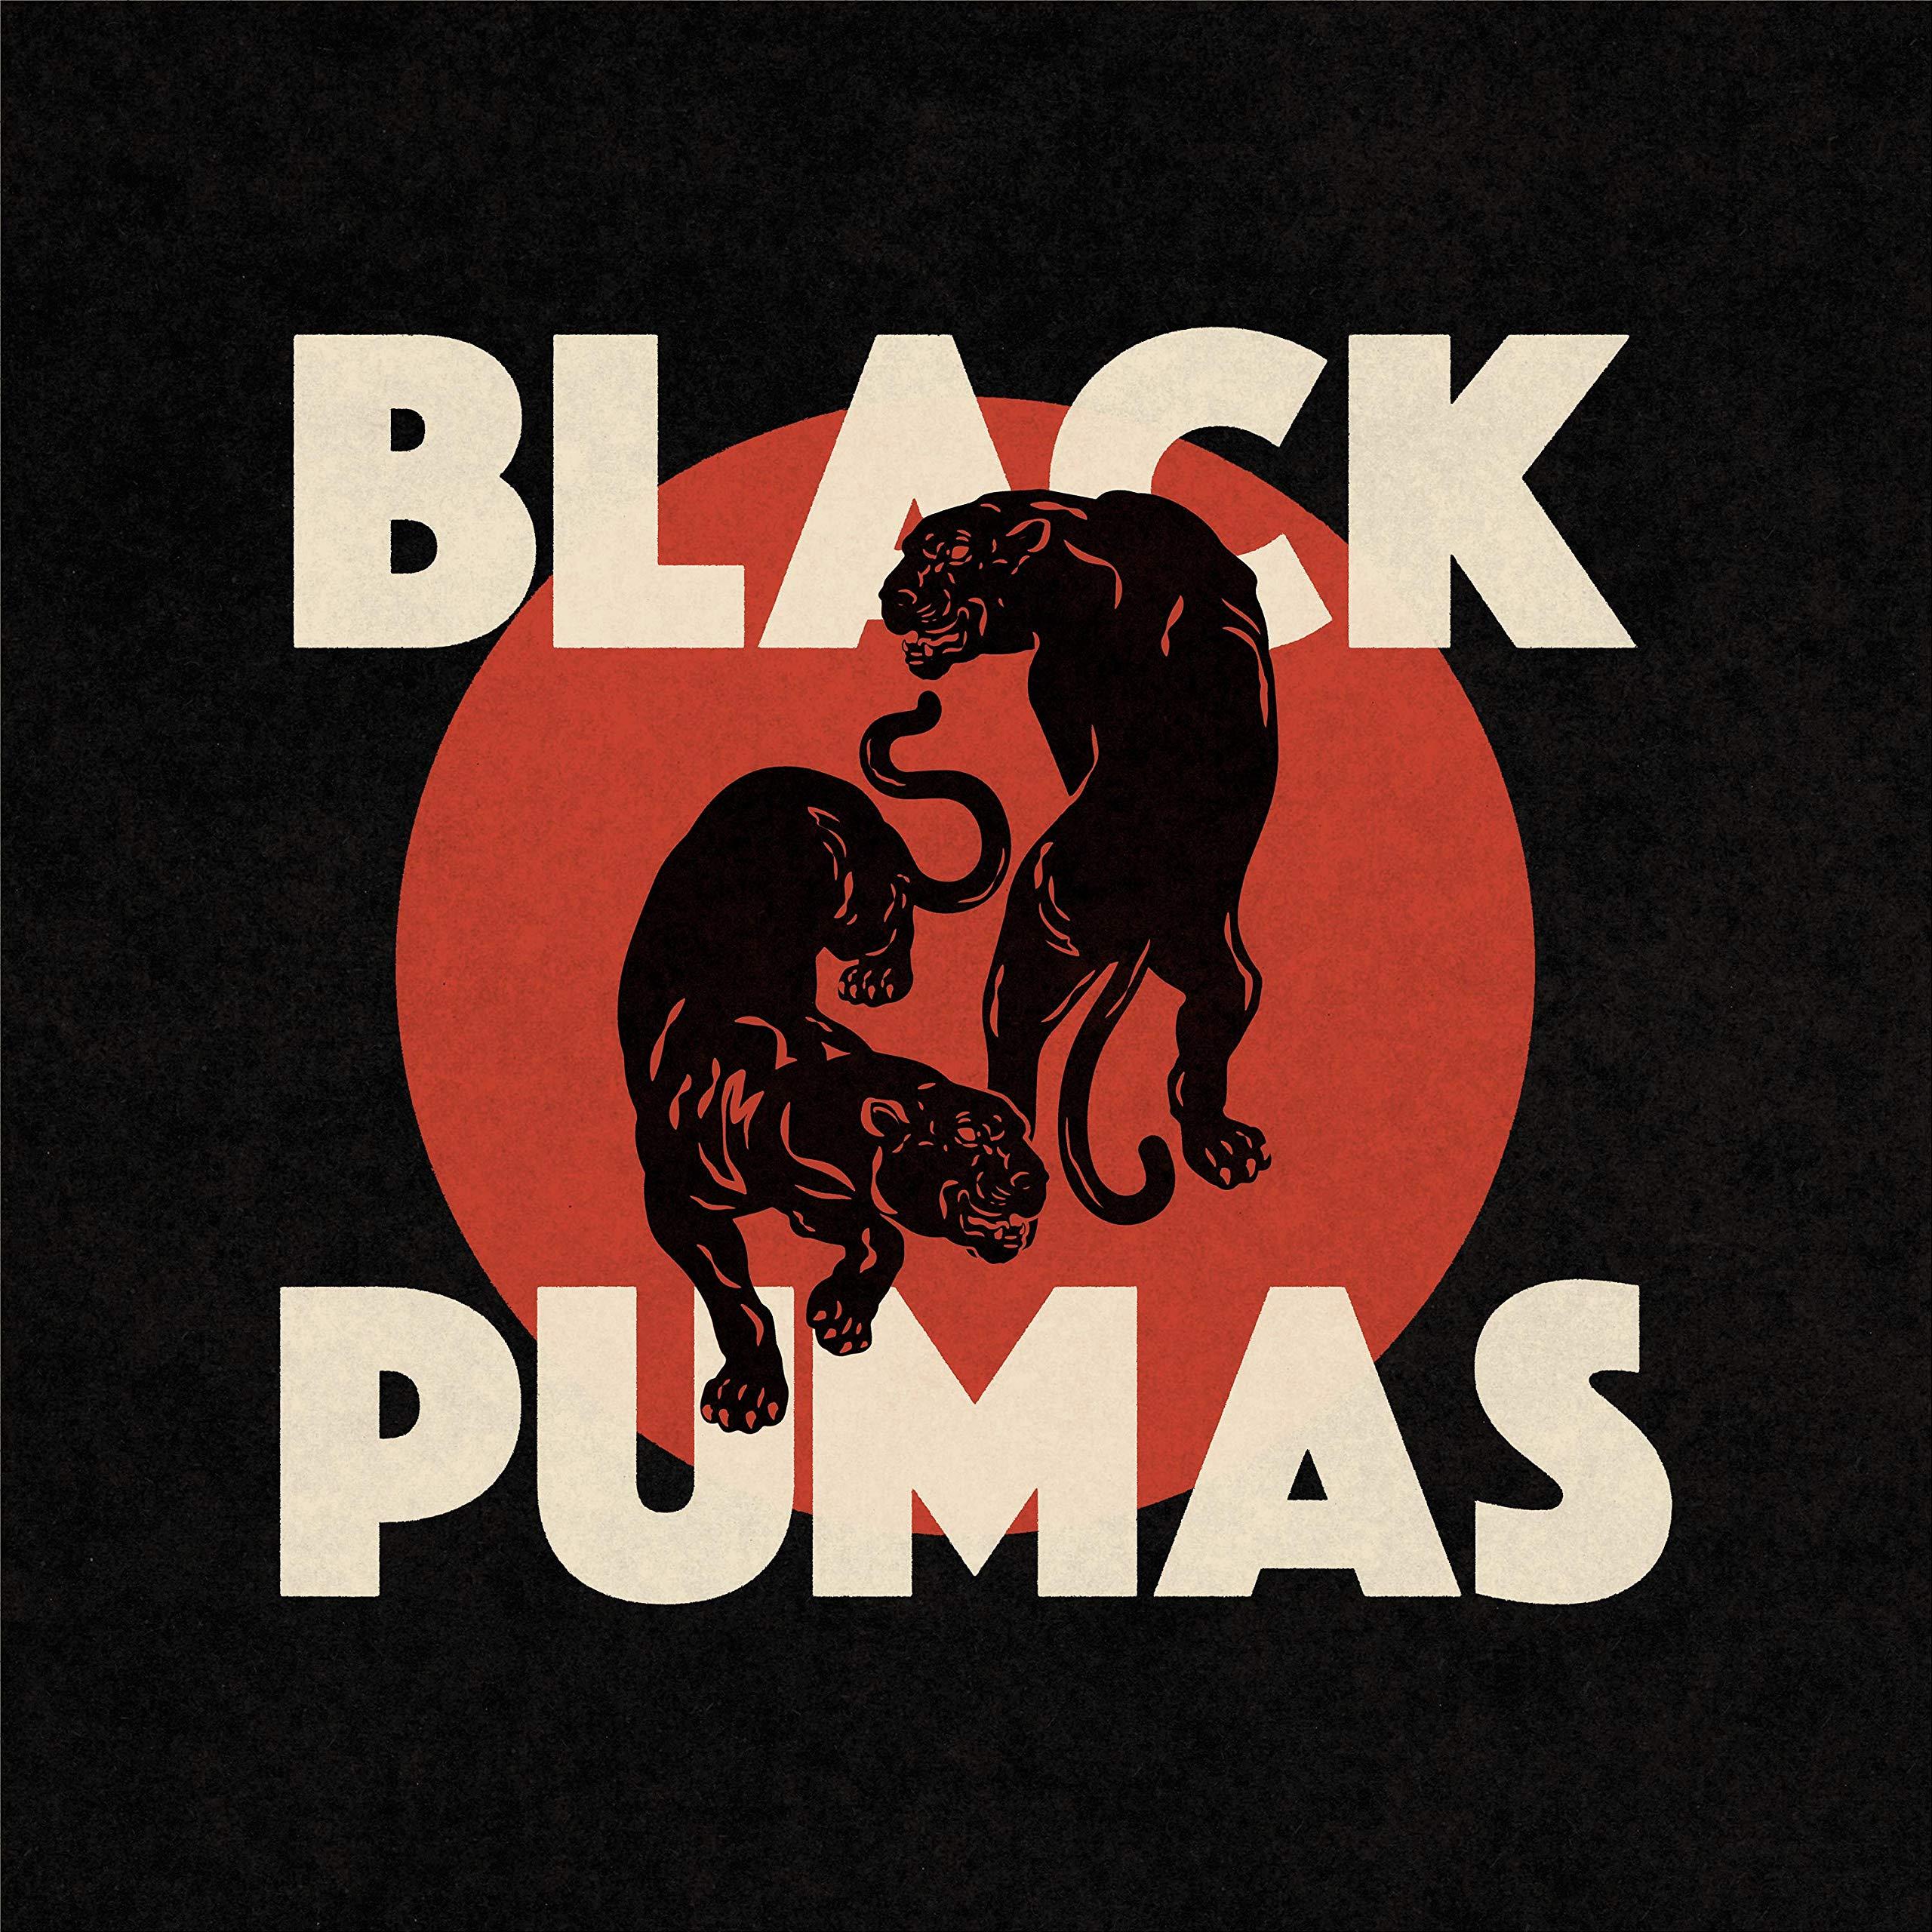 Black Pumas – Black Pumas (2020) [FLAC]